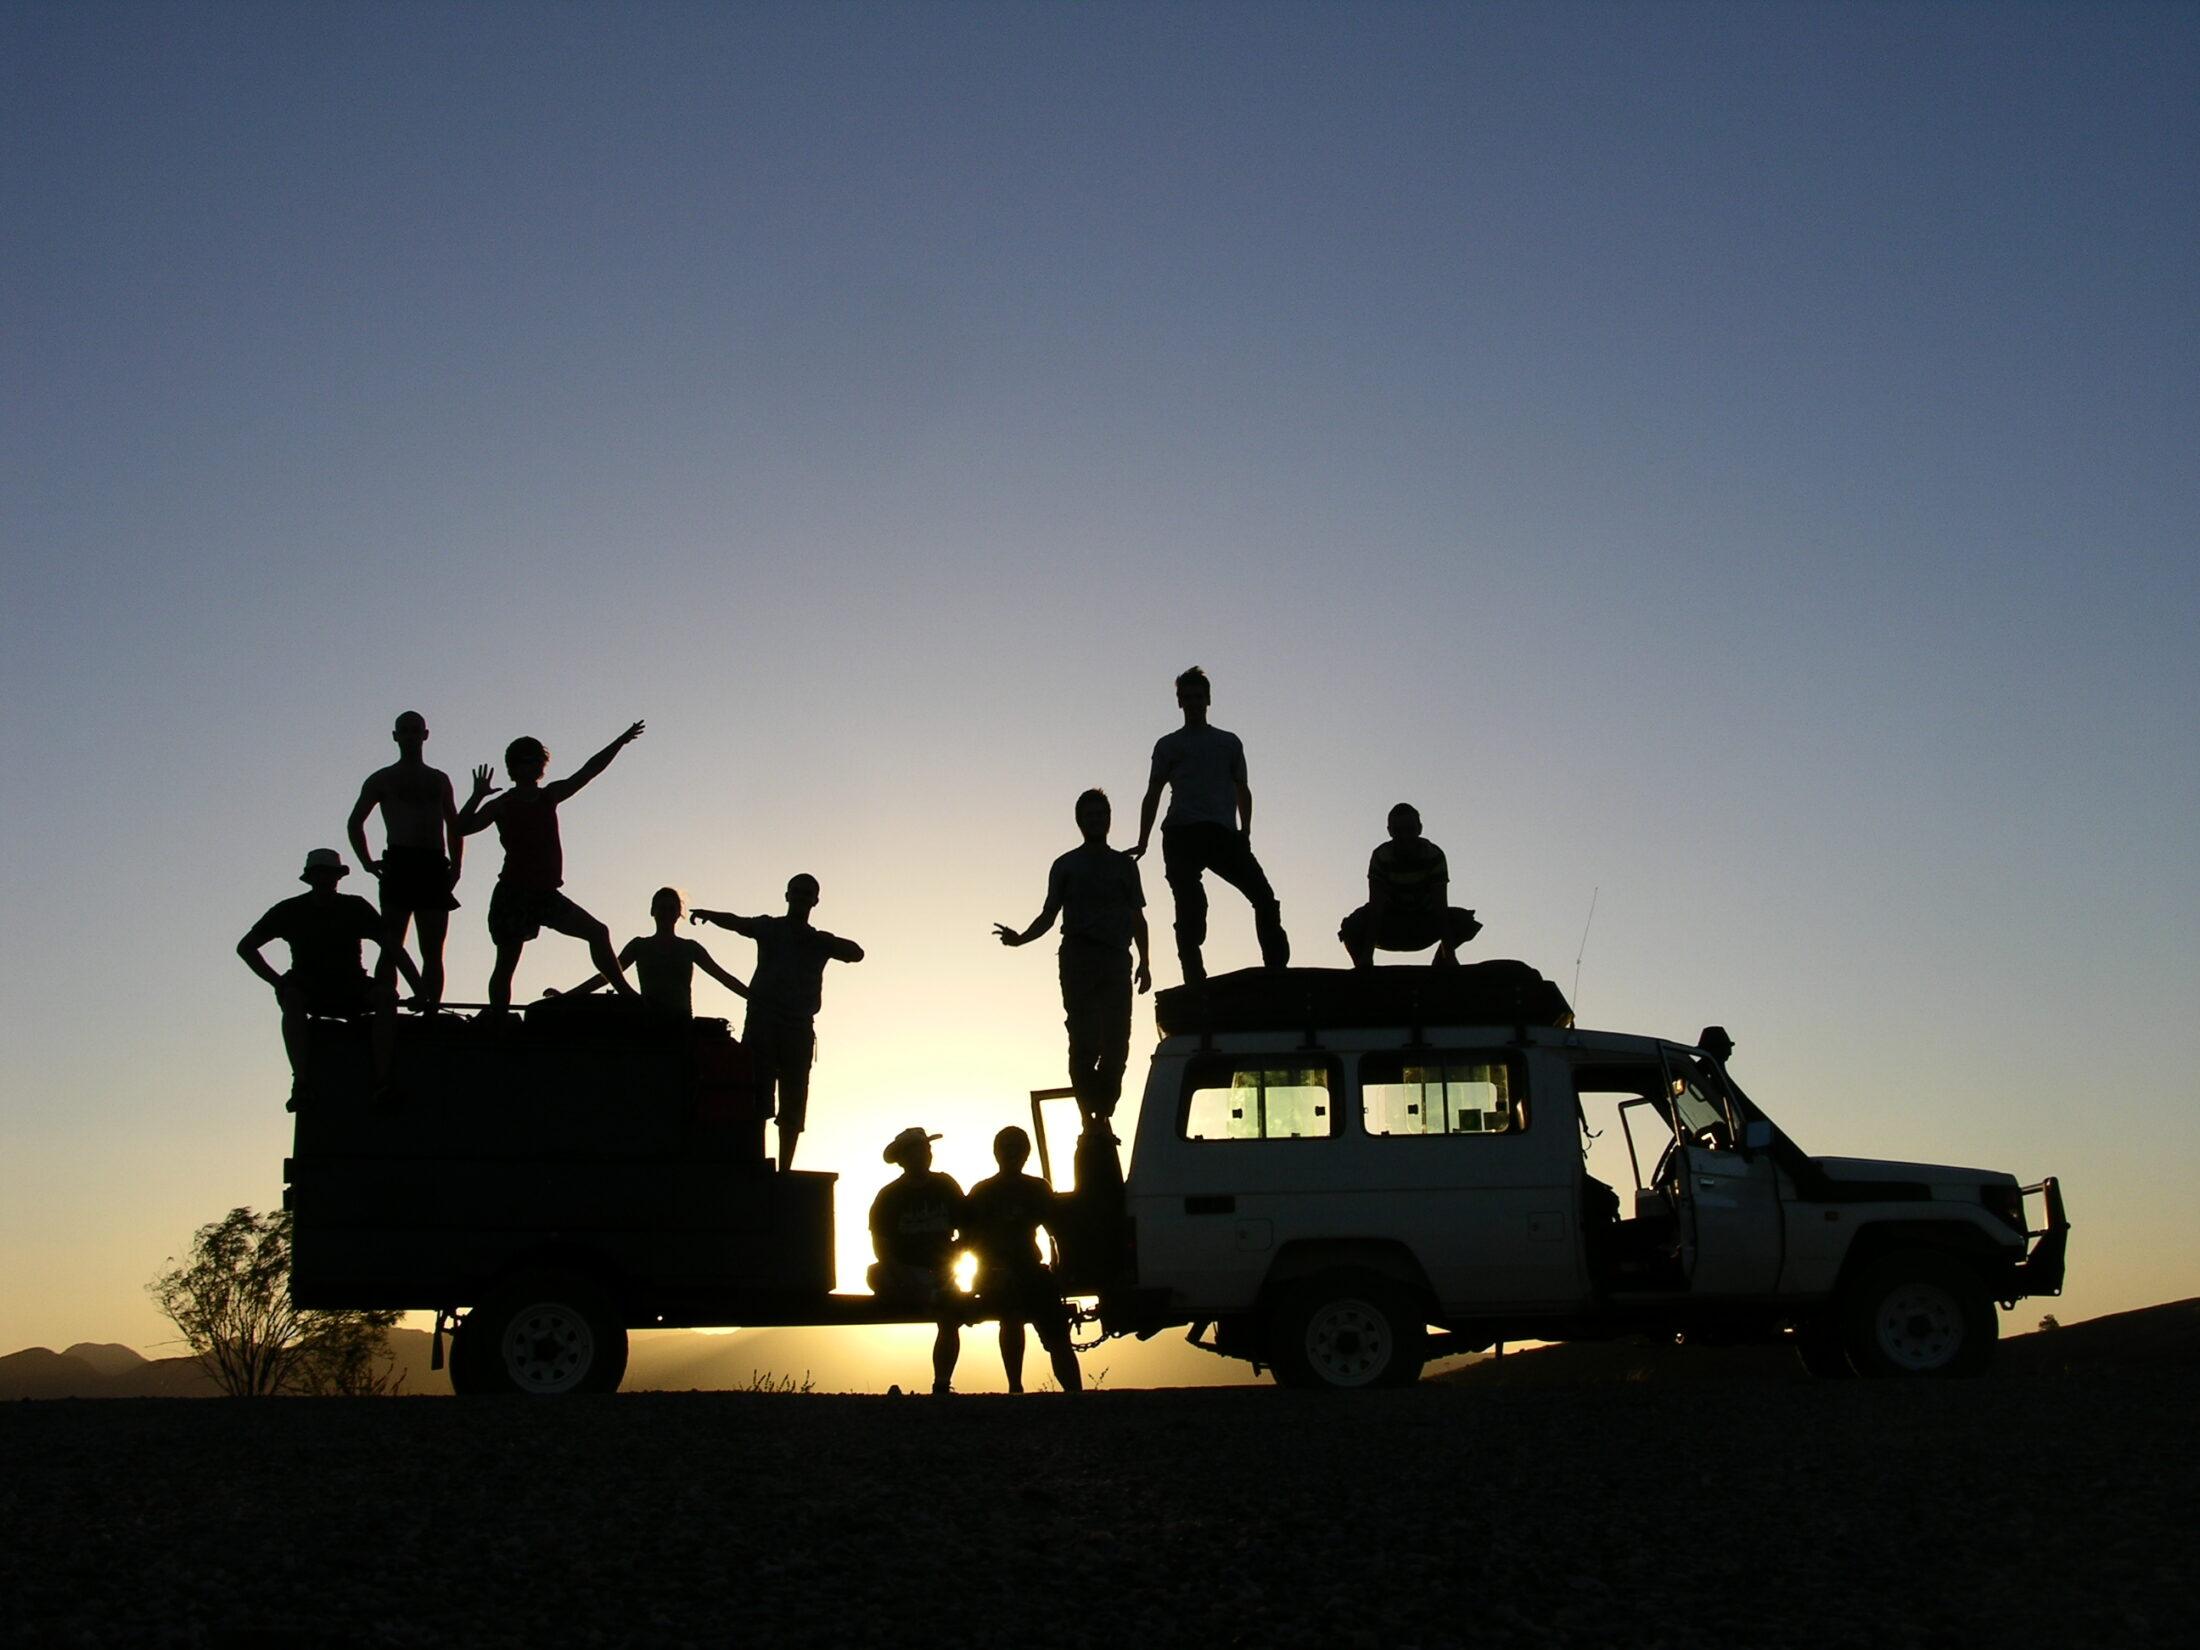 silhouet af mennesker på bil